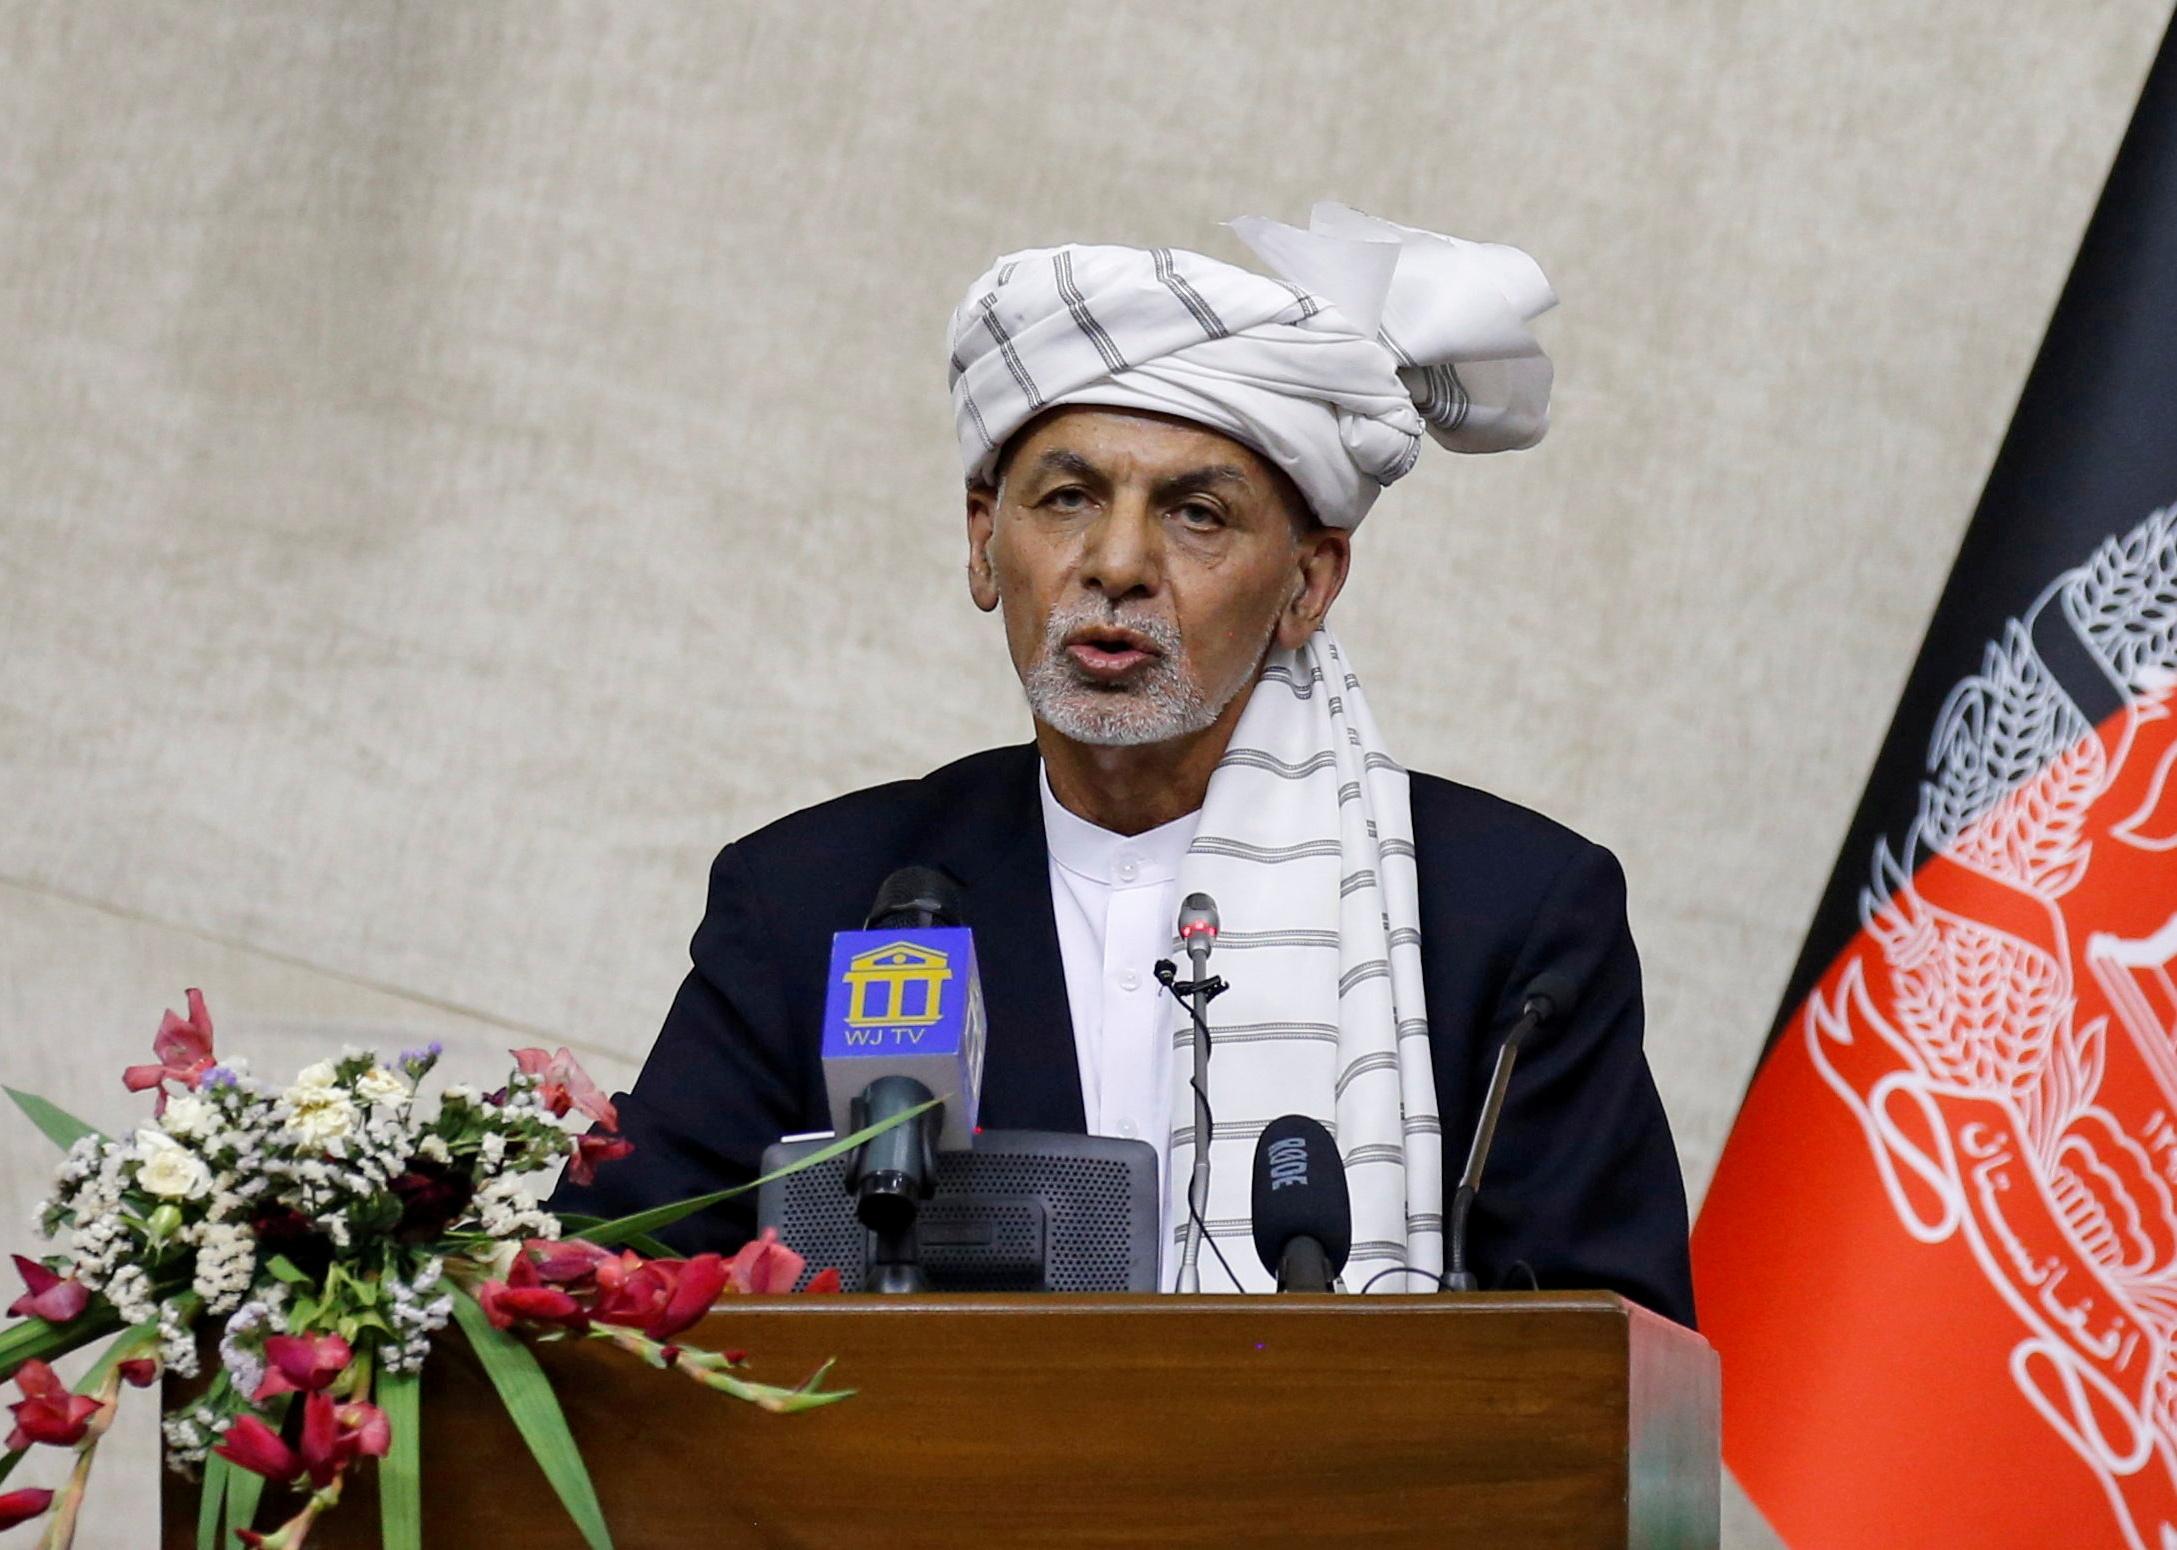 Πρόεδρος του Αφγανιστάν: Λέει ότι έφυγε από την Καμπούλ για να αποτρέψει μια αιματοχυσία